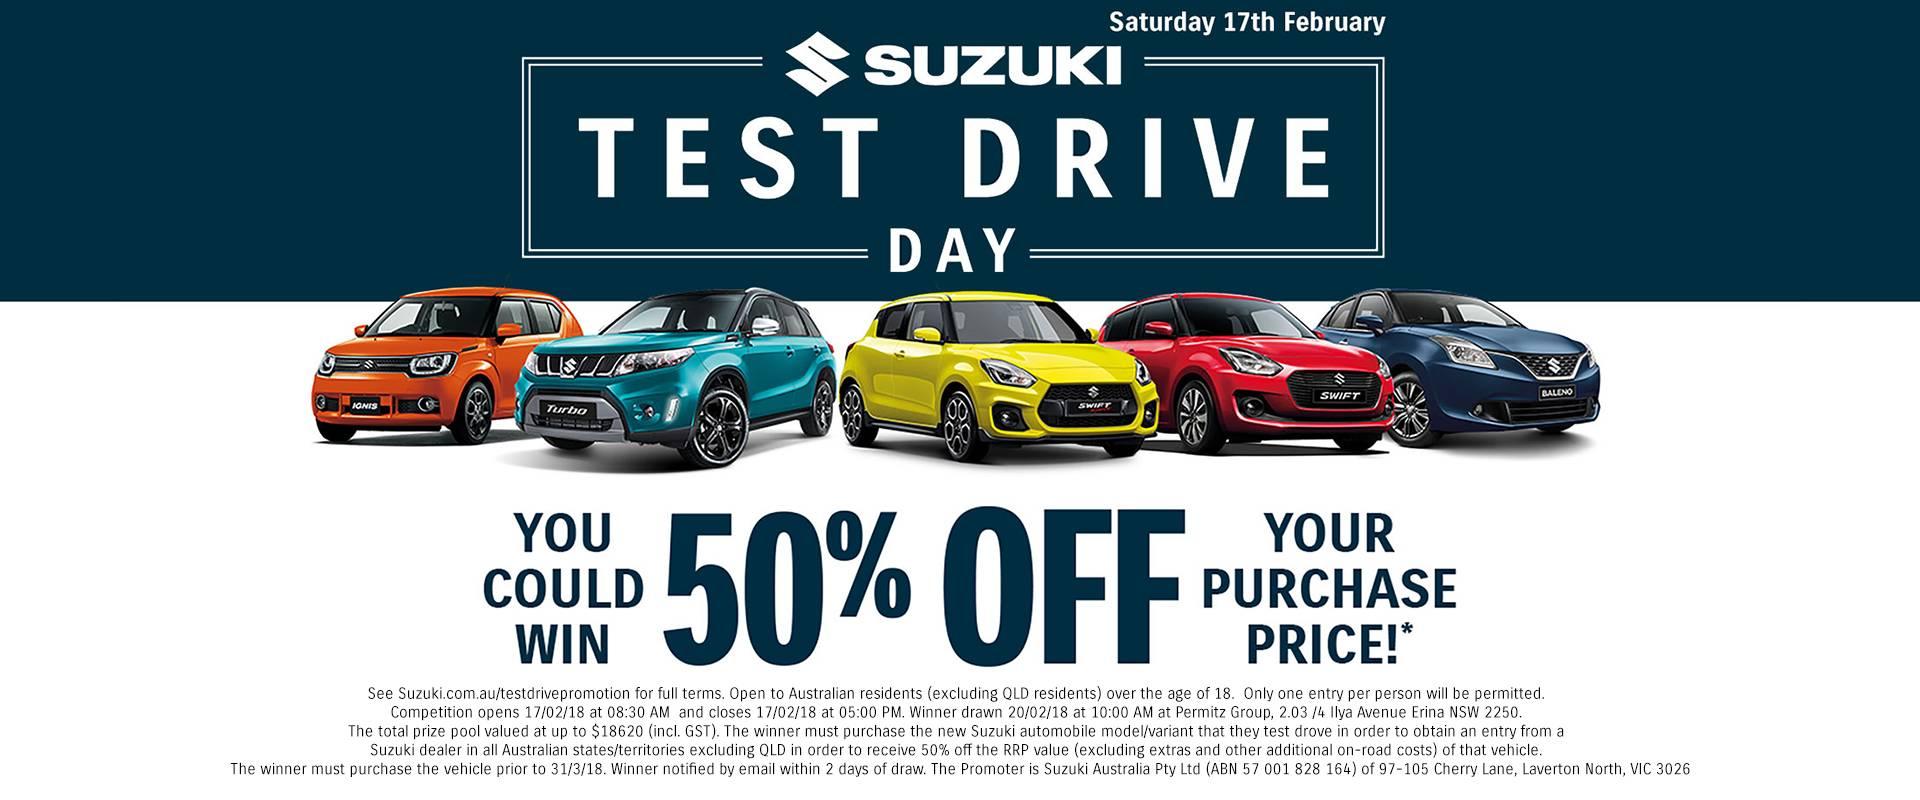 Suzuki Test Drive Day